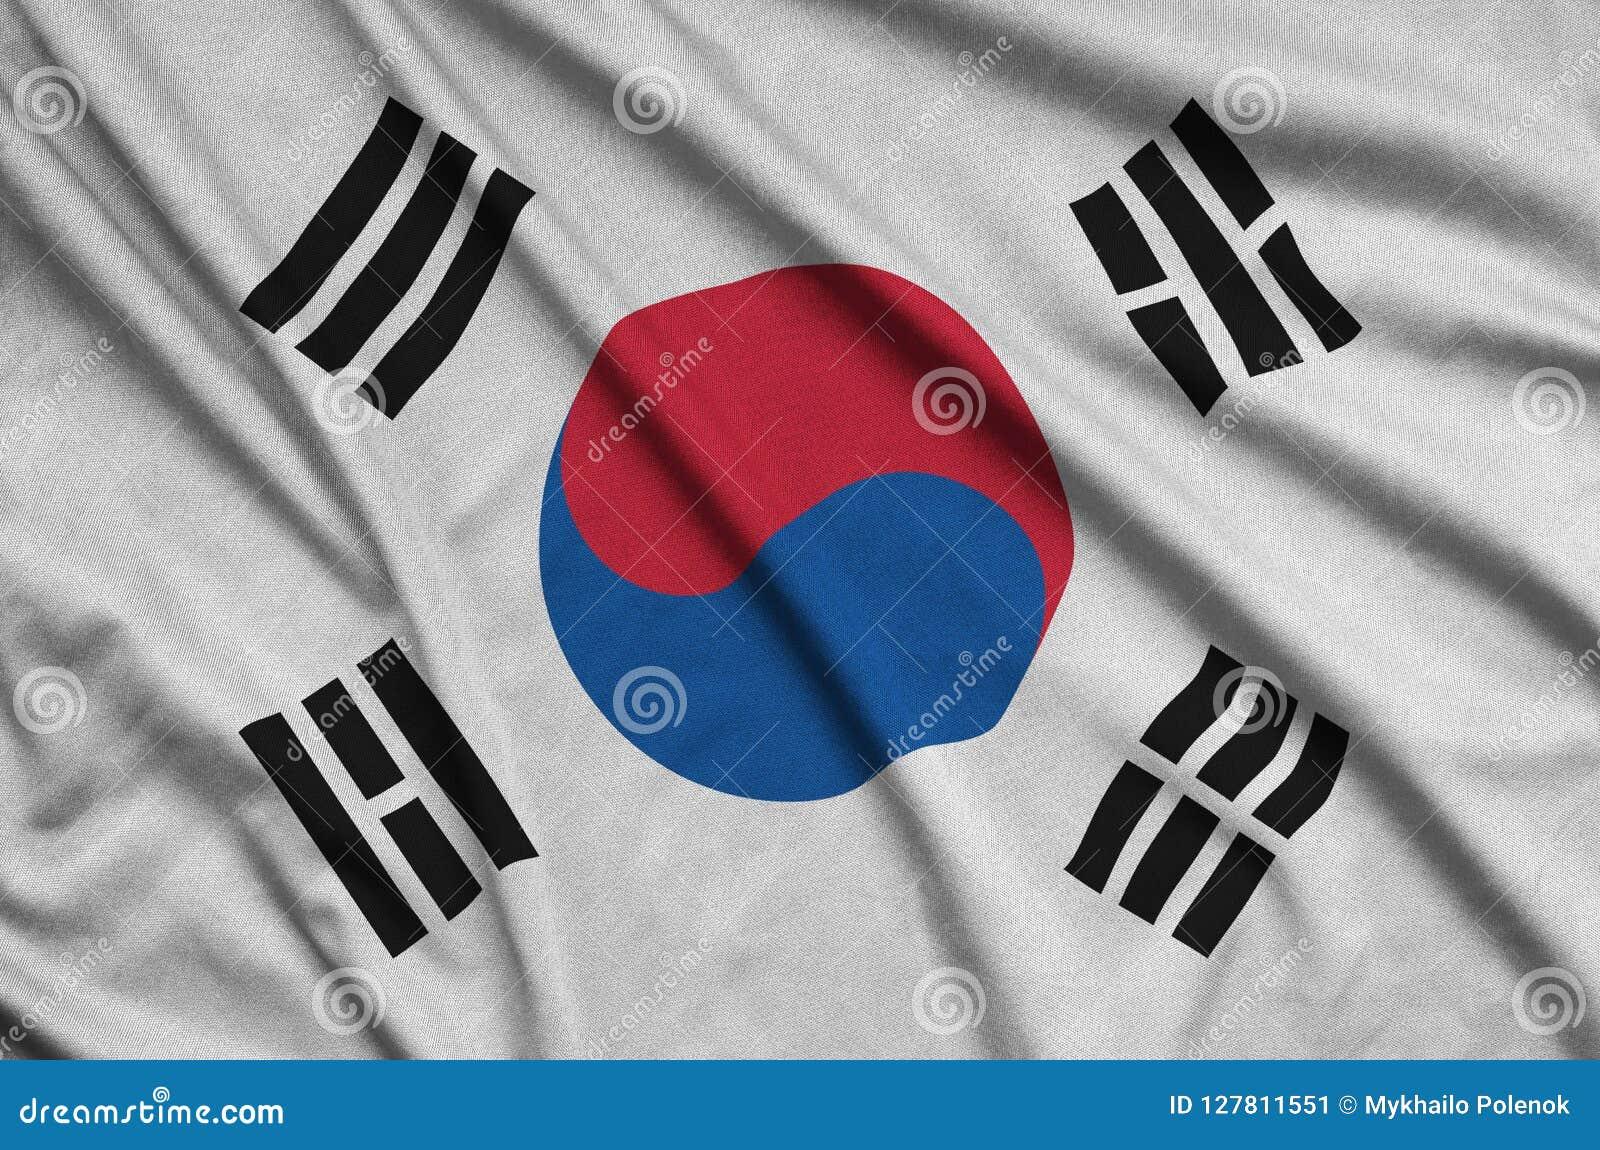 Η σημαία της Νότιας Κορέας απεικονίζεται σε ένα ύφασμα αθλητικών υφασμάτων με πολλές πτυχές Έμβλημα αθλητικών ομάδων